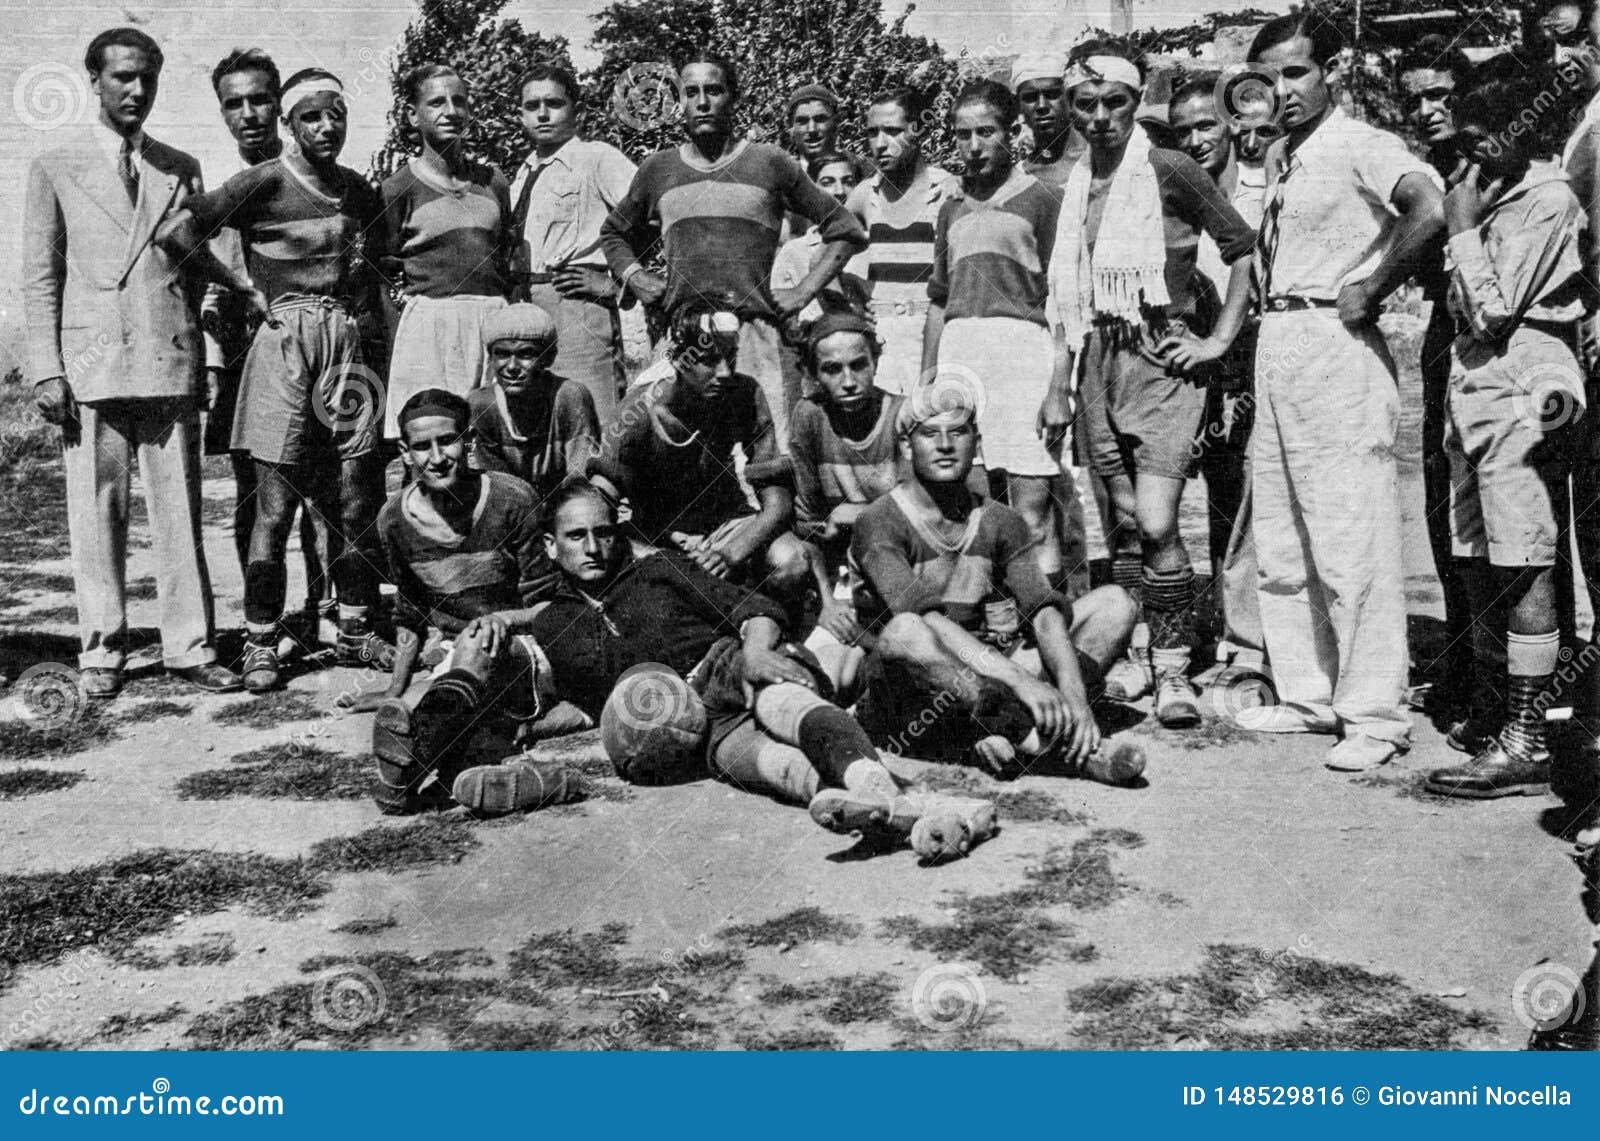 Capri, Italien, 1934 - Fuorigrottese-Spieler werfen nach einer Rettungssitzung des Fußballs in Capri auf